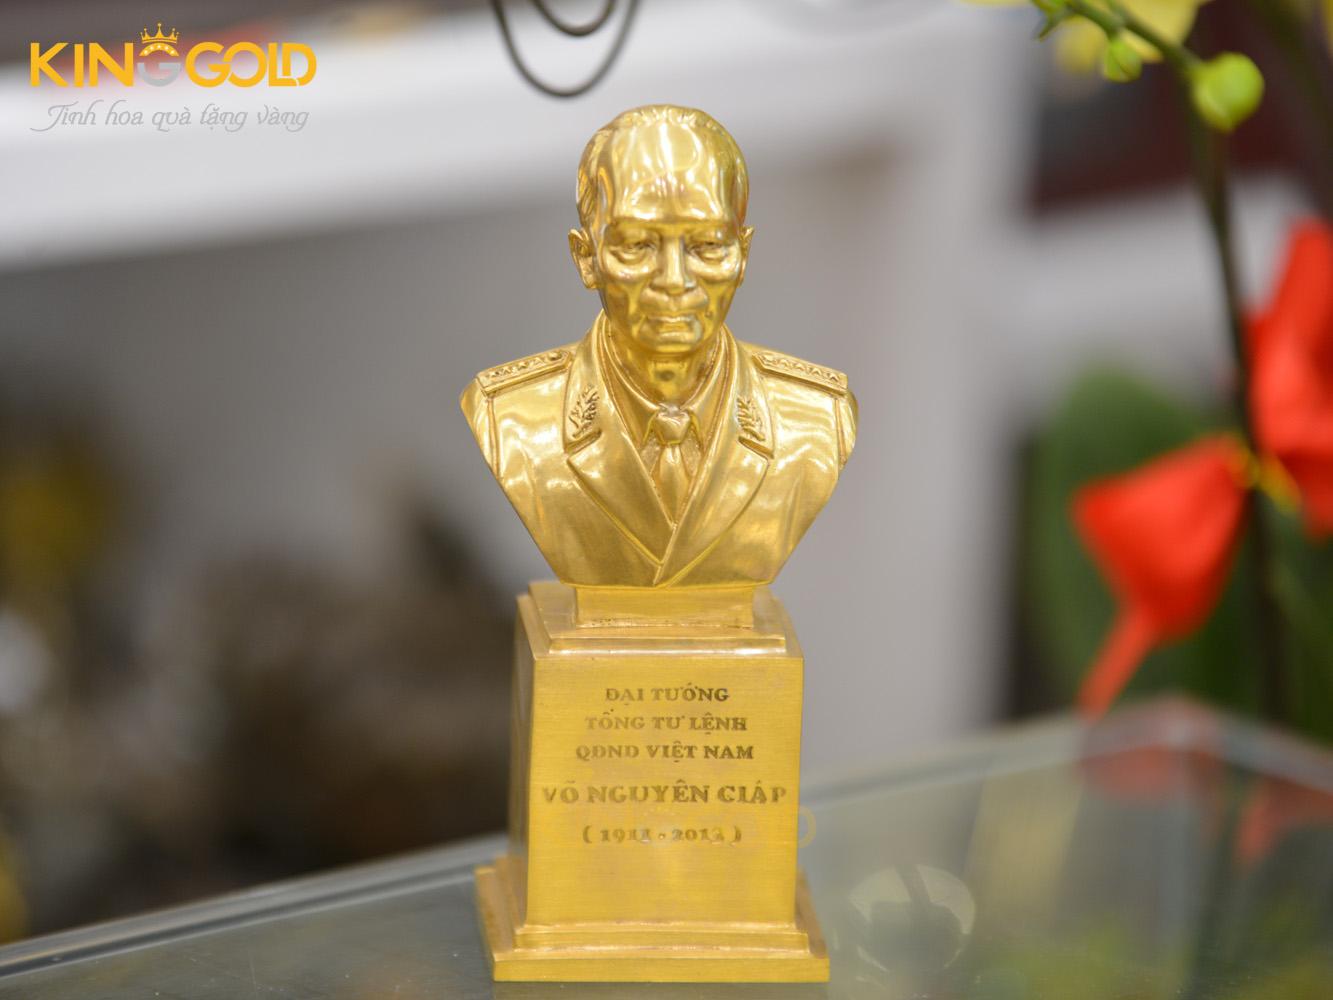 Đúc tượng đại tướng Võ Nguyên Giáp mạ vàng 24k0